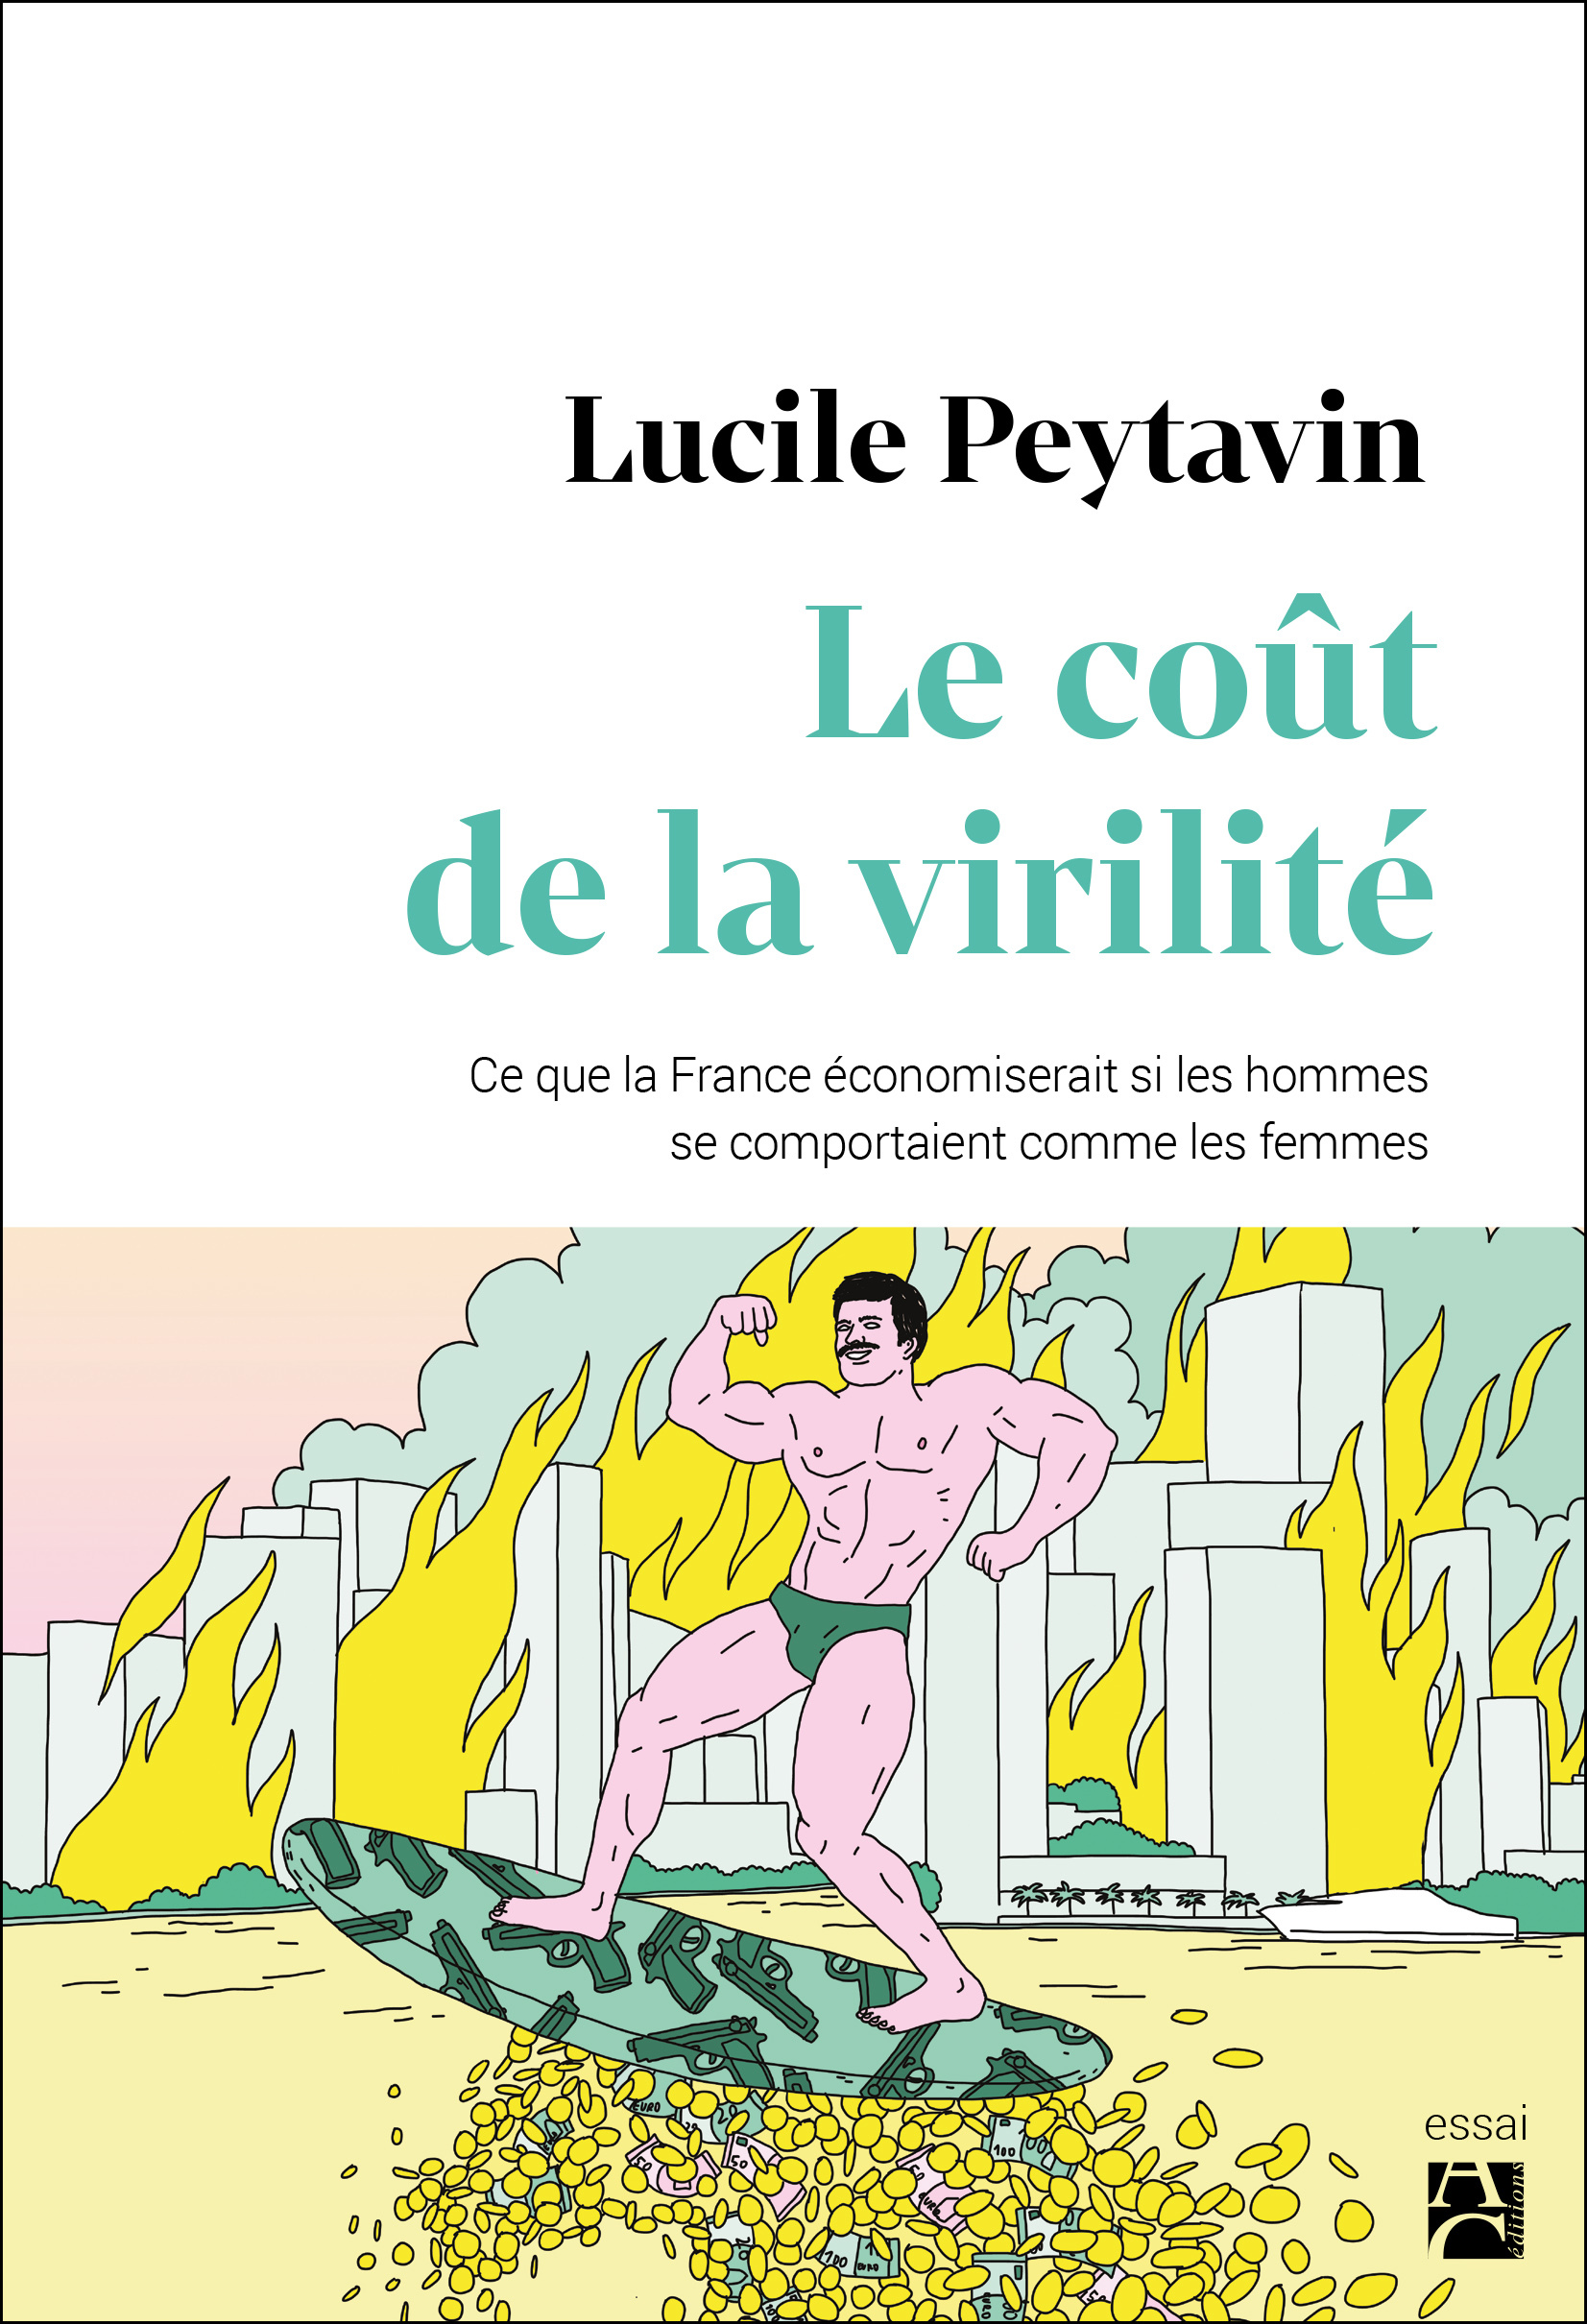 LE COUT DE LA VIRILITE. CE QUE LA FRANCE ECONOMISERAIT SI LES HOMMES SE COMPORTAIENT COMME LES FEMME